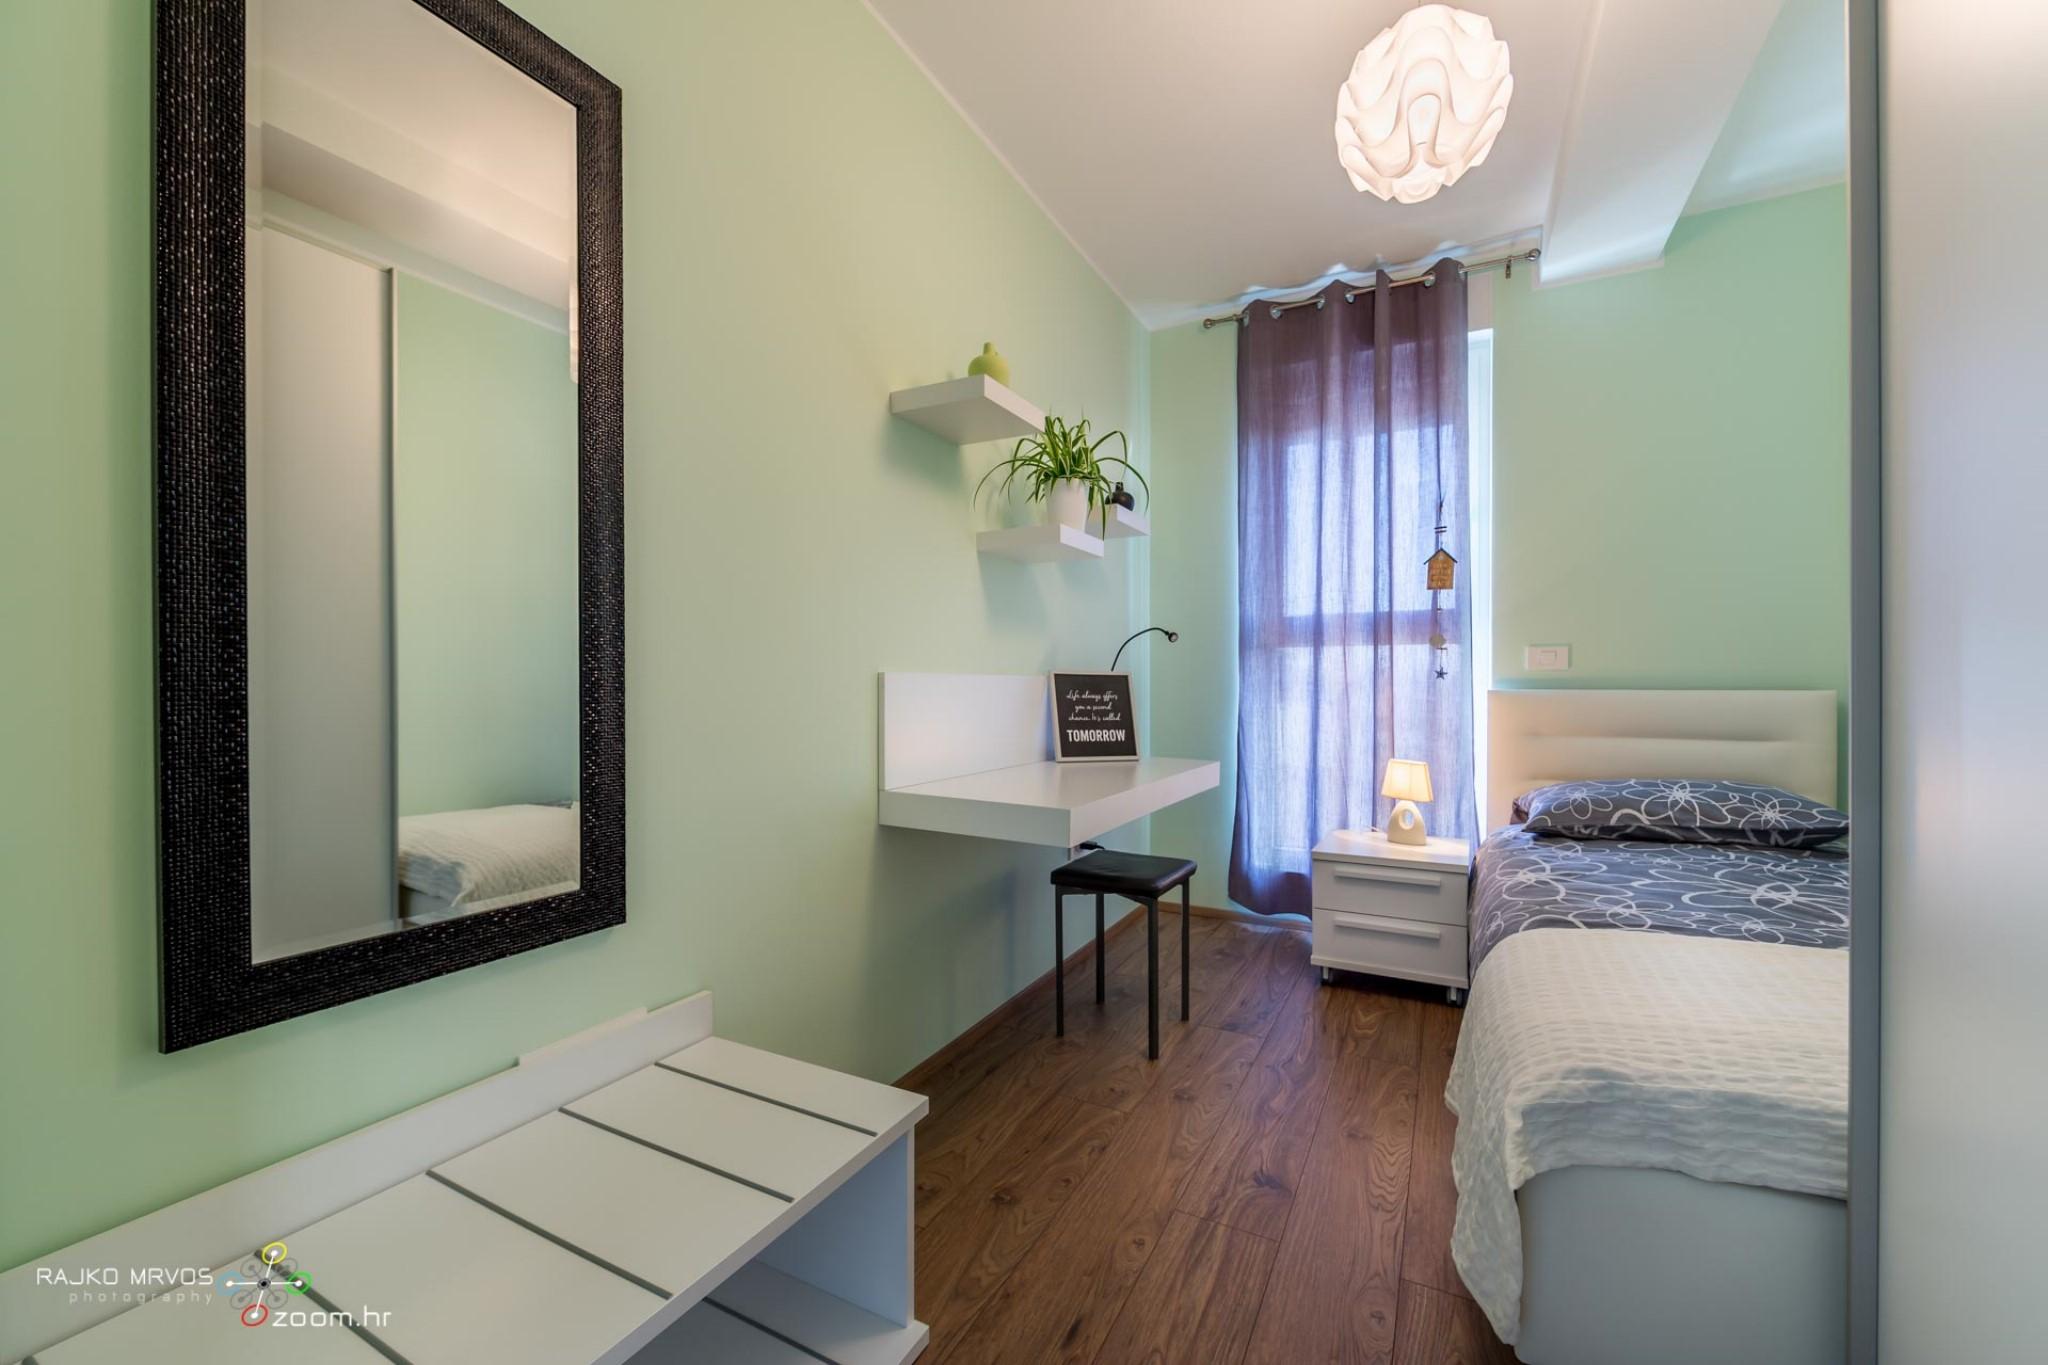 fotografiranje-interijera-fotograf-eksterijera-apartmana-vila-kuca-hotela-apartman-Pobri-Opatija-15